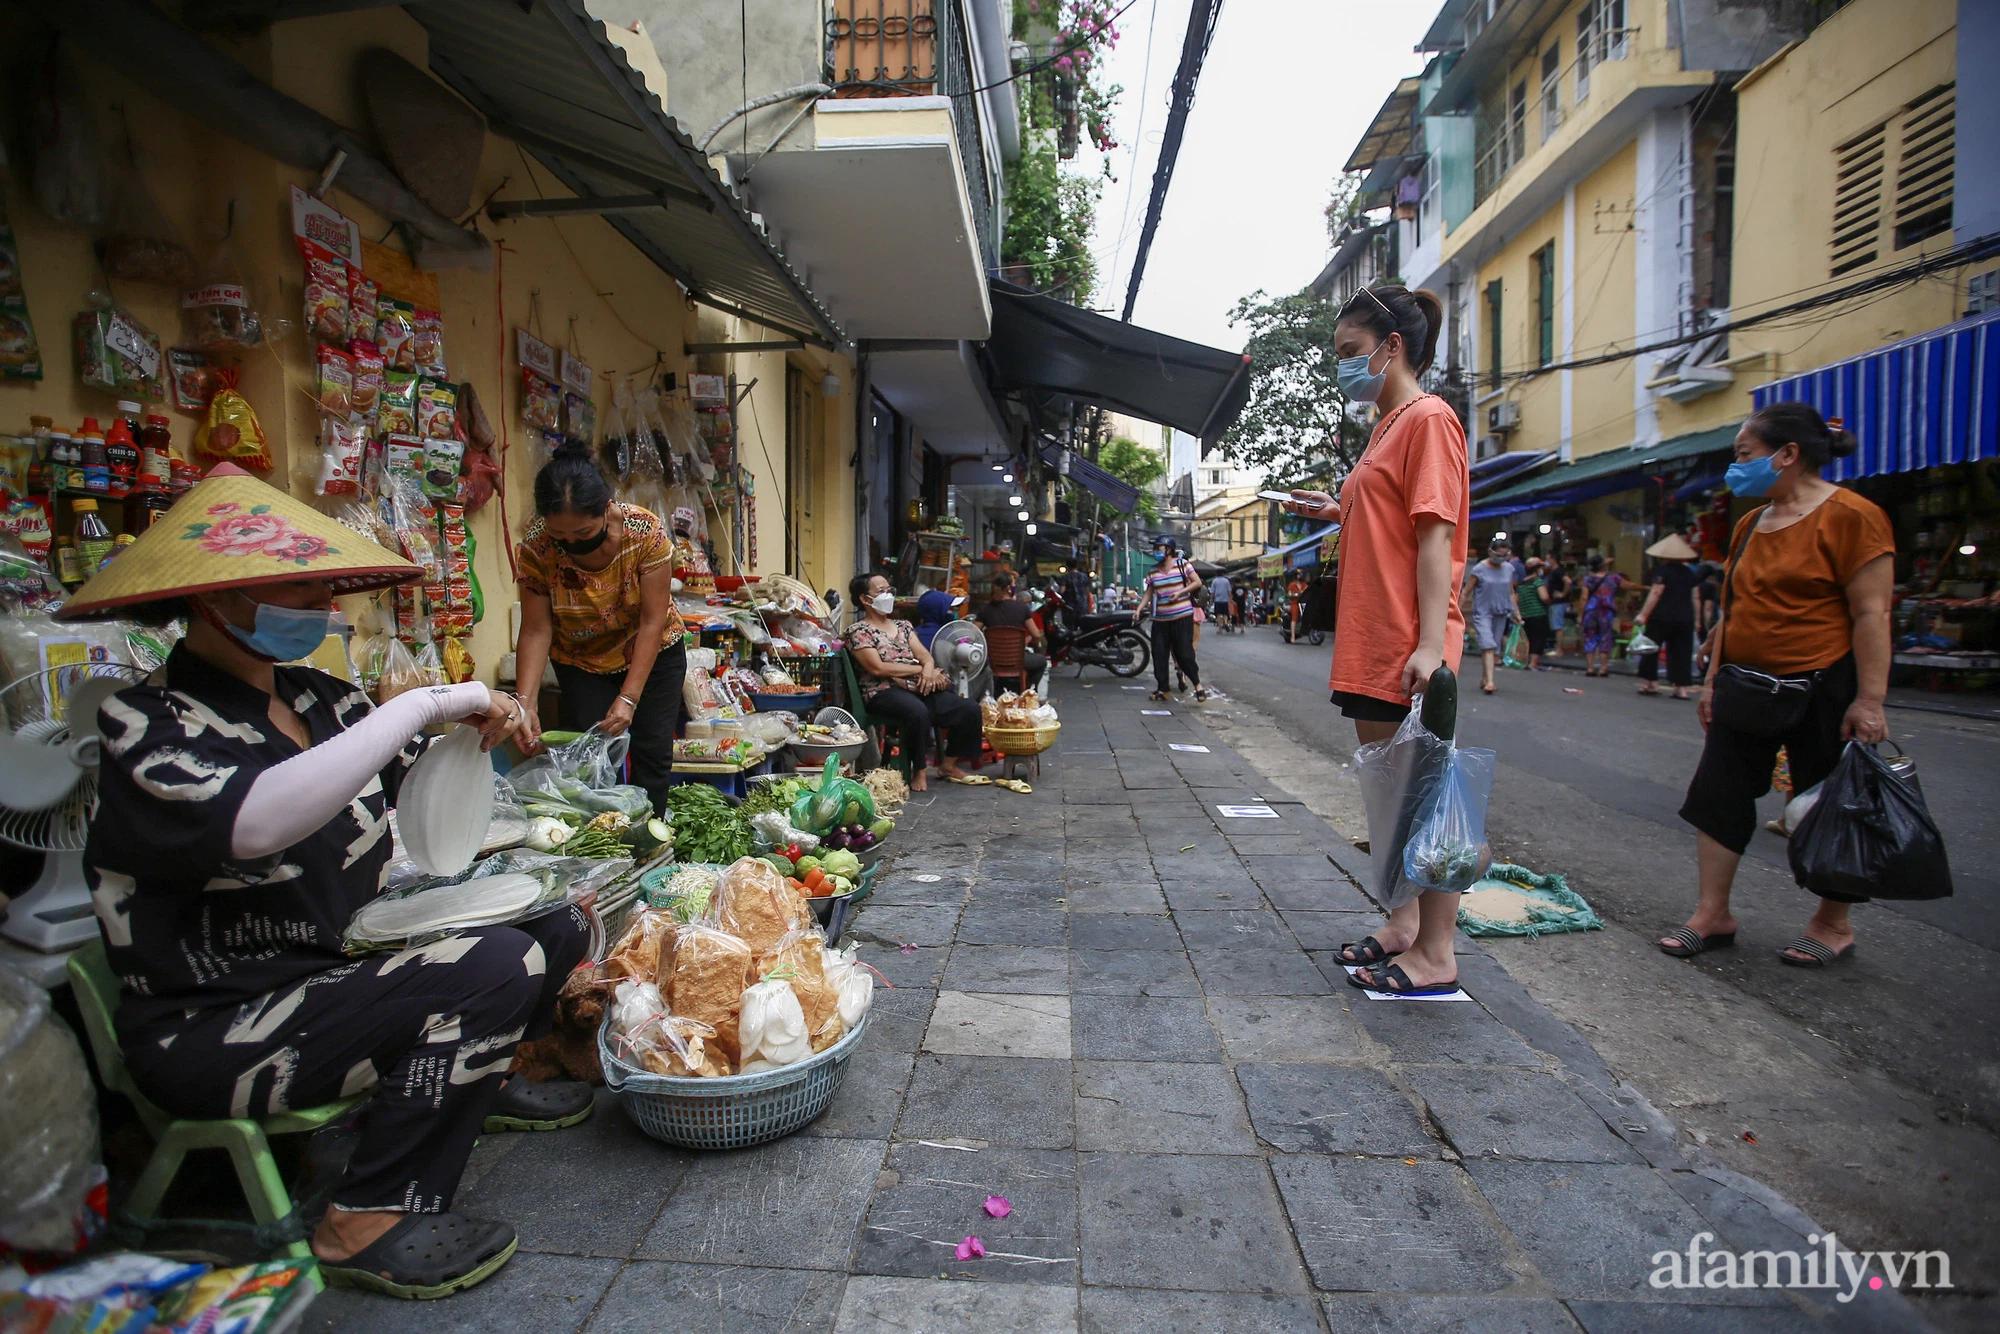 Ngày đầu giãn cách theo Chỉ thị 16, khu chợ ở Hà Nội kẻ vạch cách nhau 2 m, người mua kẻ bán tuy xa mặt nhưng không cách lòng - Ảnh 9.